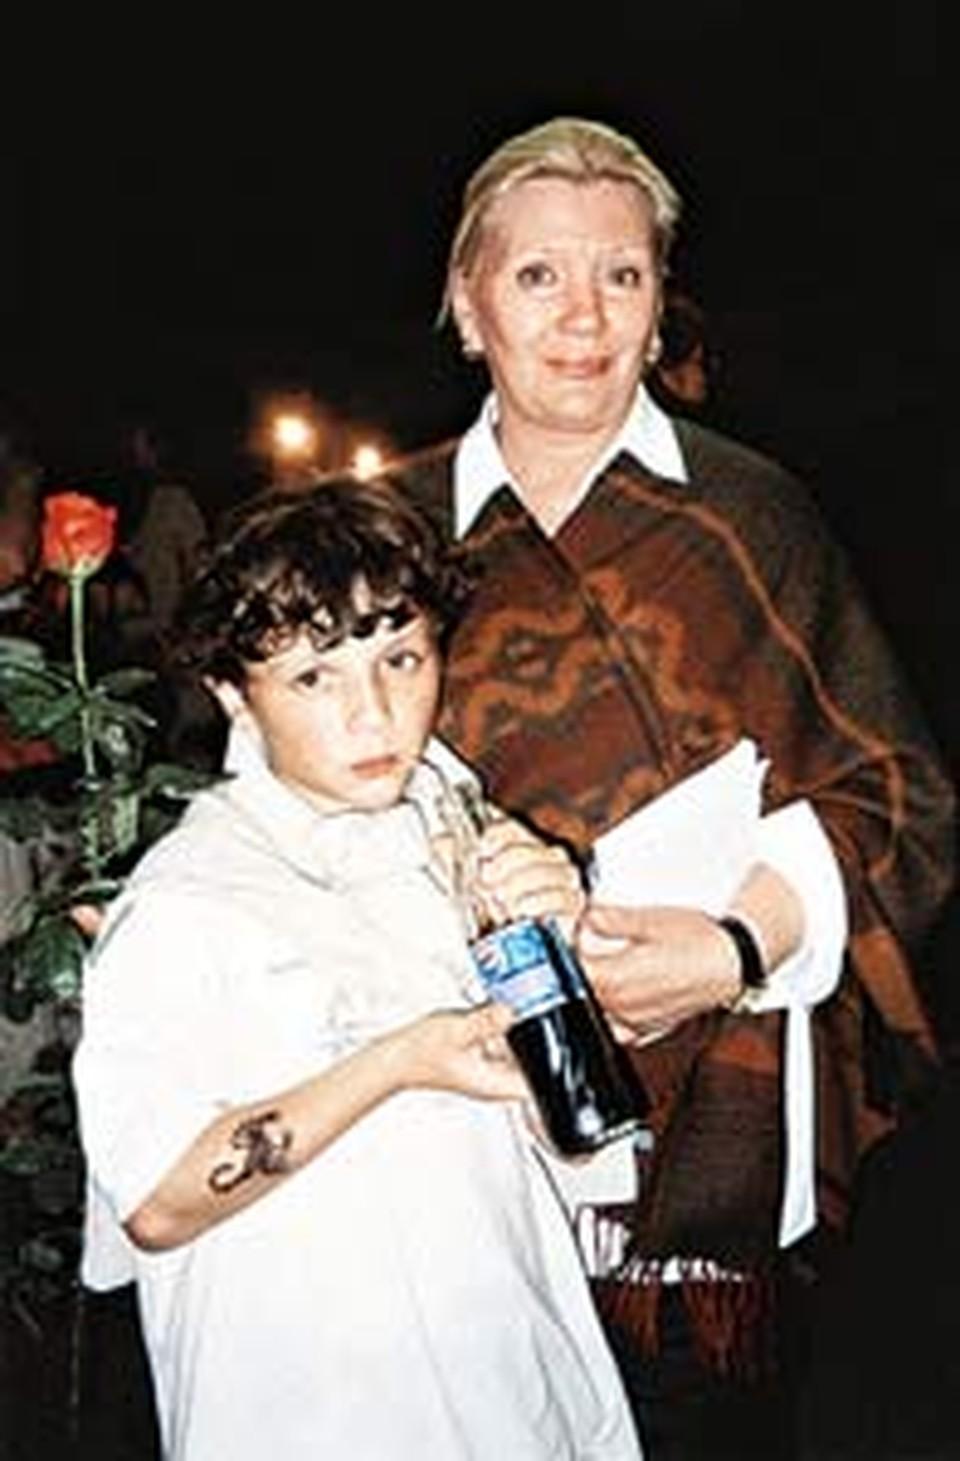 Галина Александровна души не чает во внуке Филиппе.